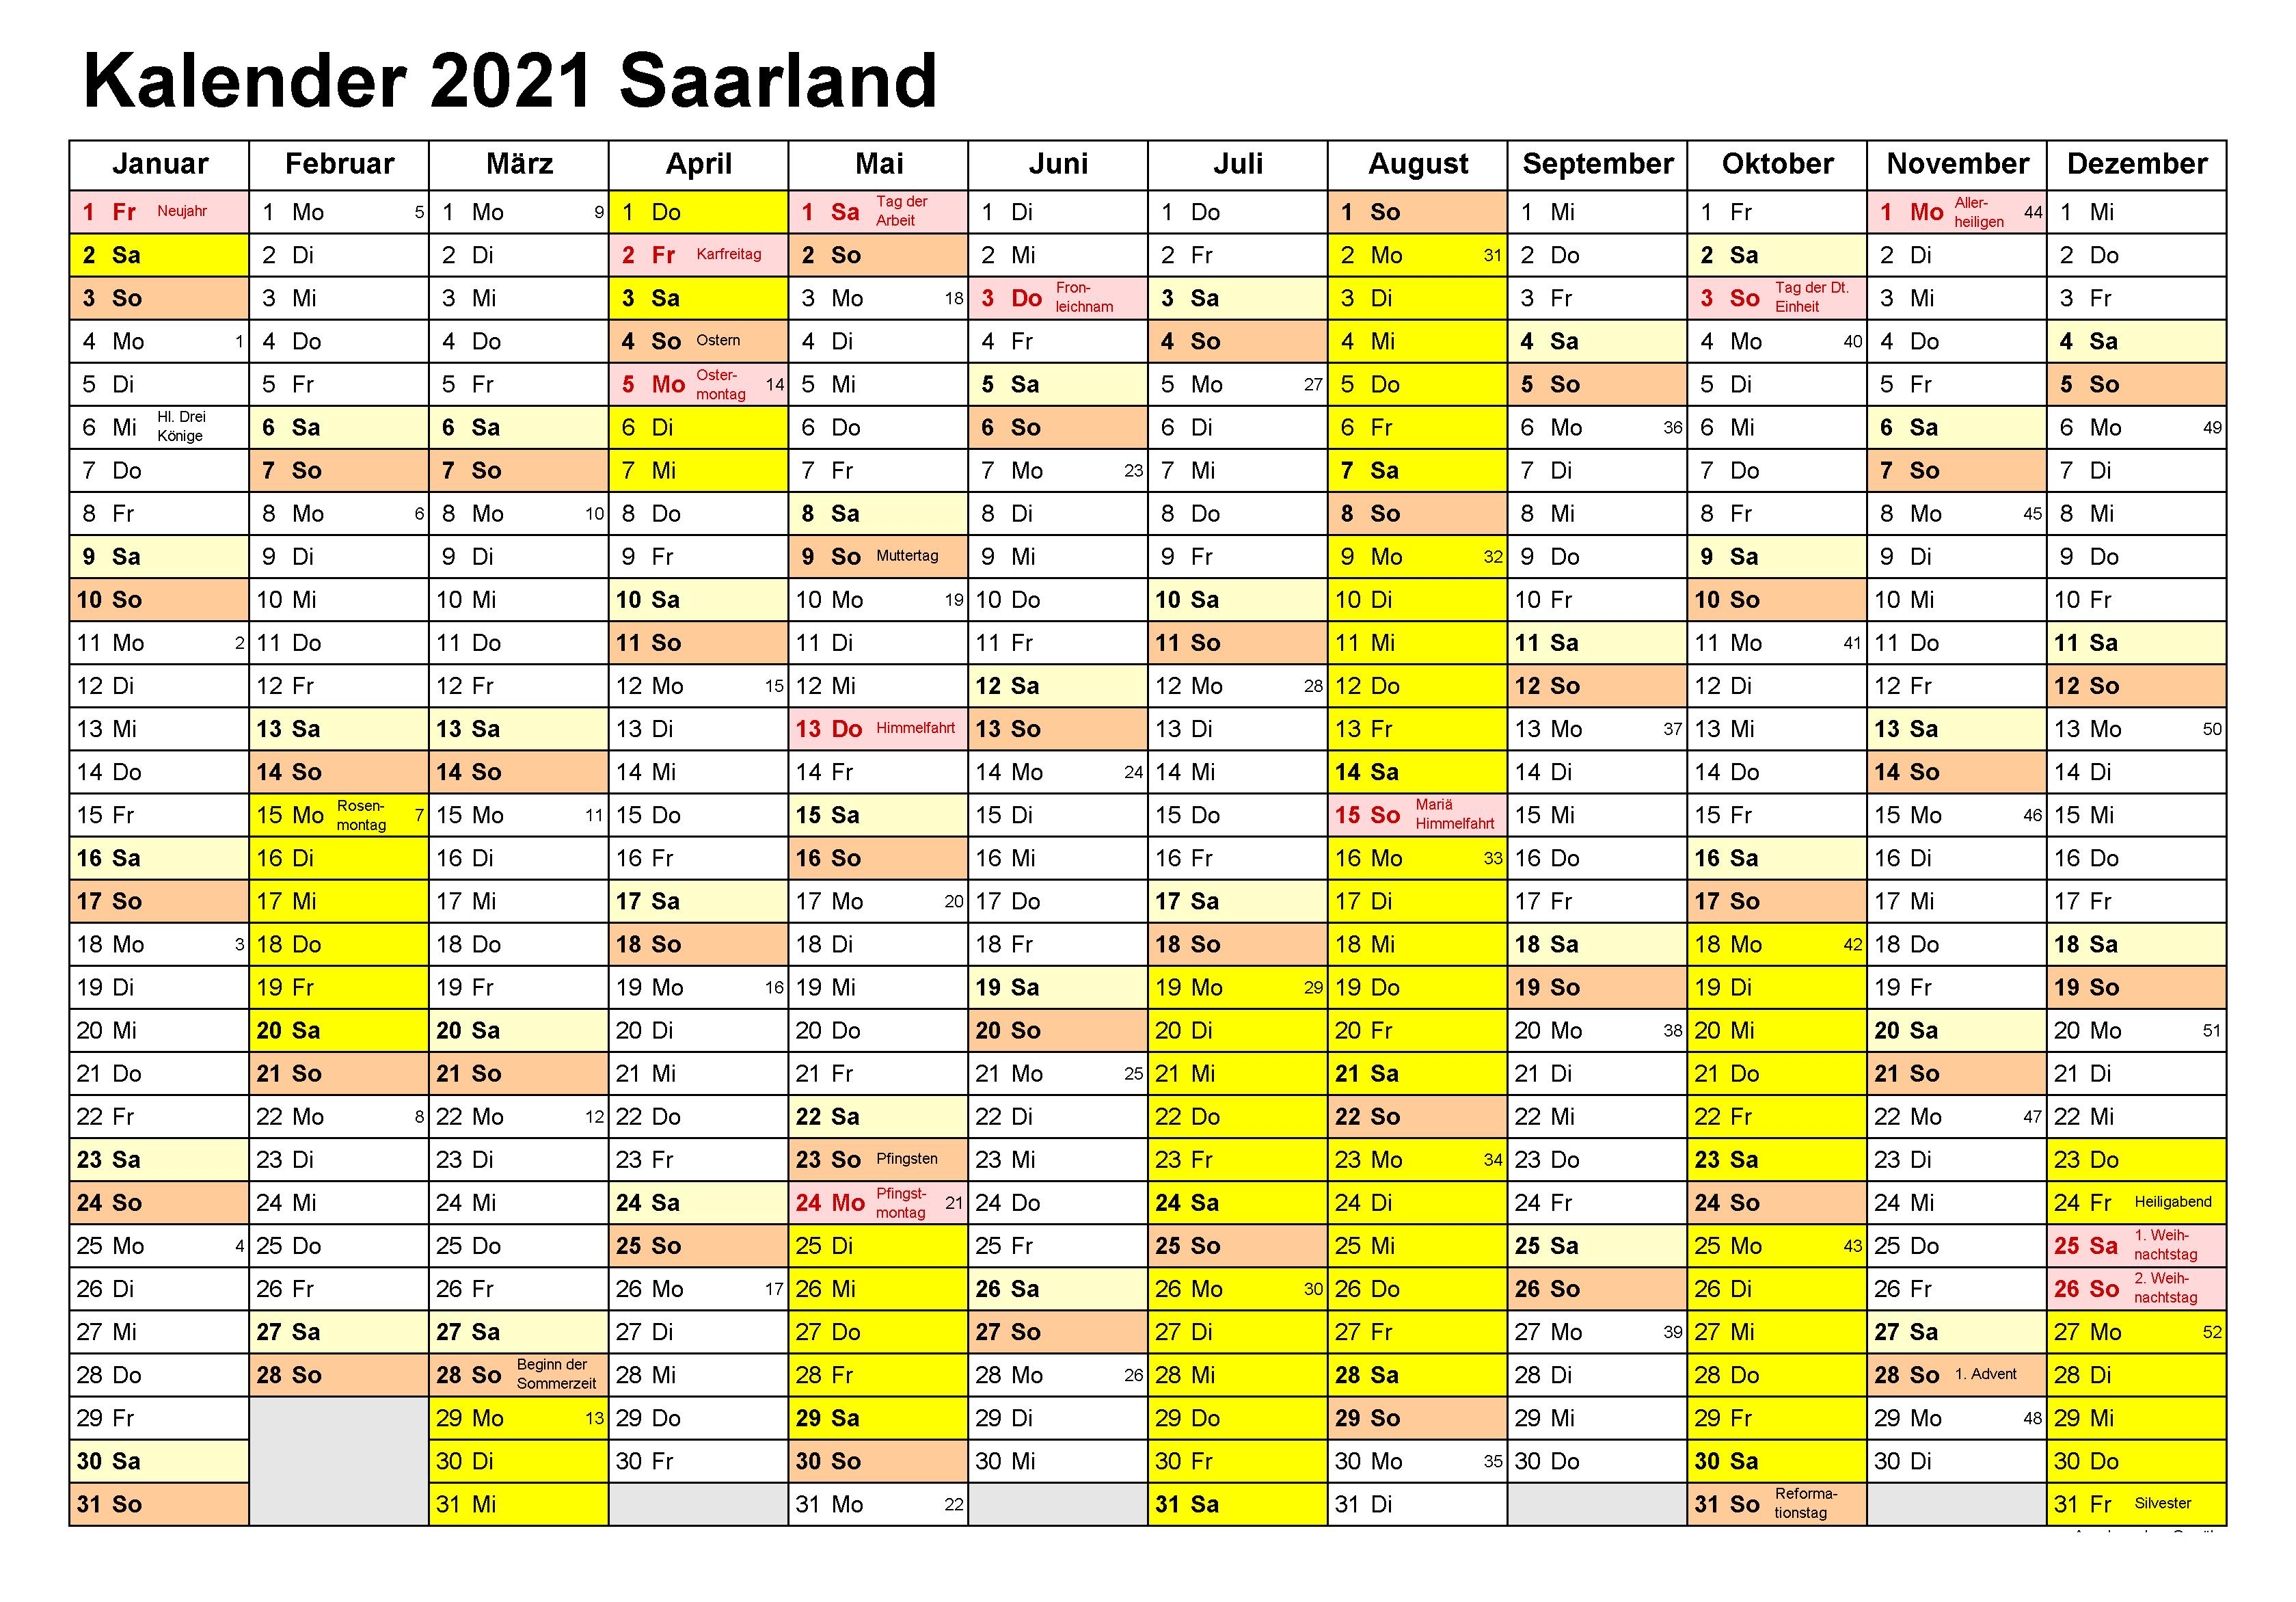 Kalender Saarland 2021 Zum Ausdrucken